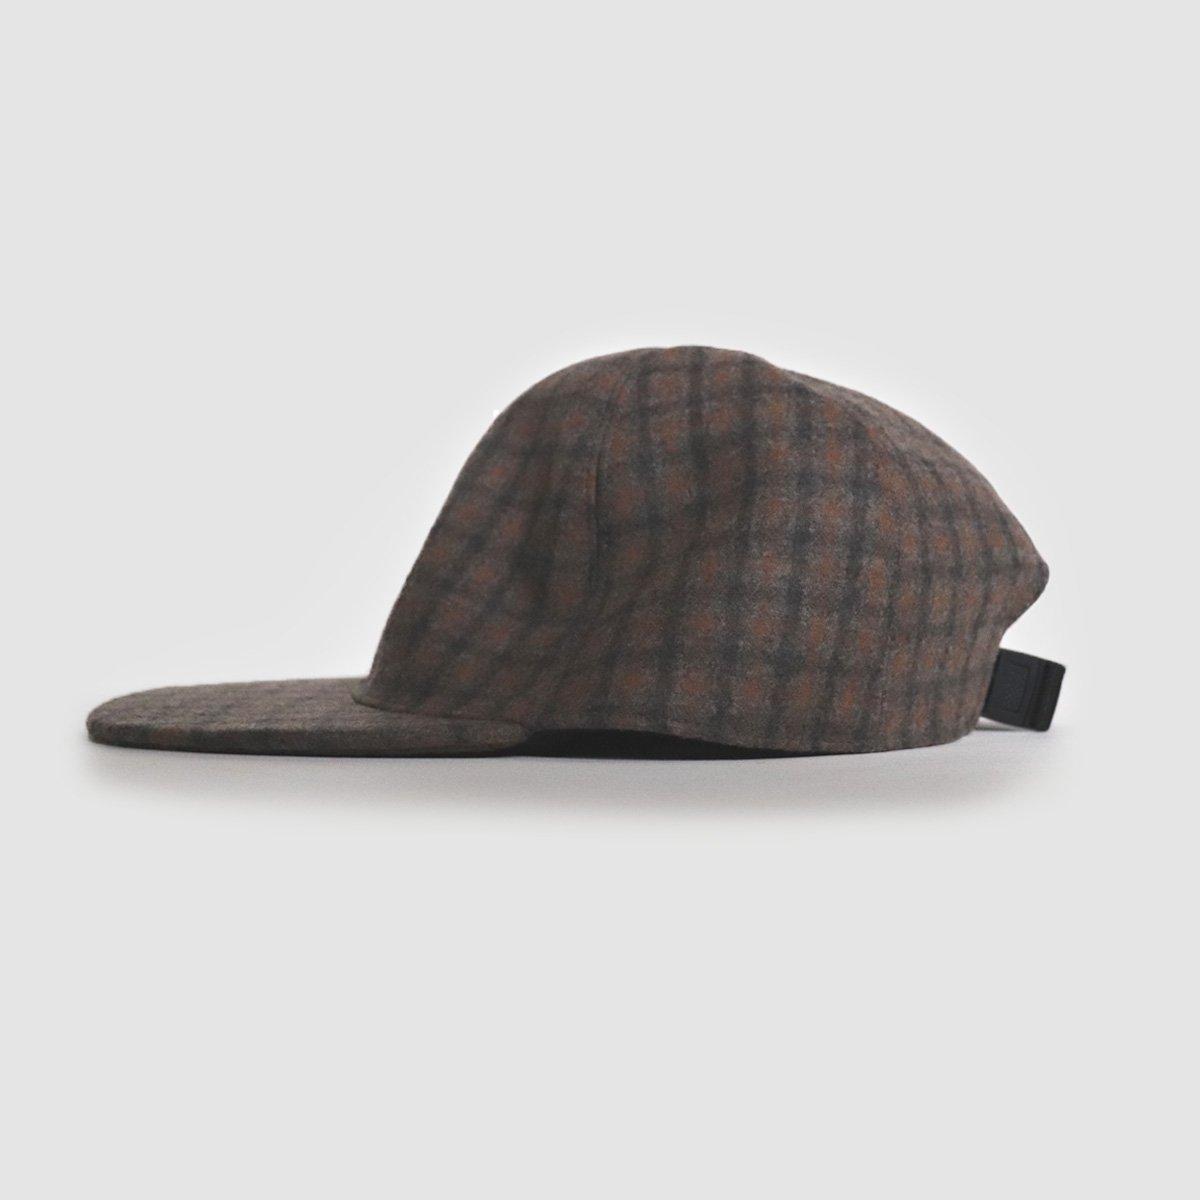 JOBA CAP 刺繍入り 詳細画像2